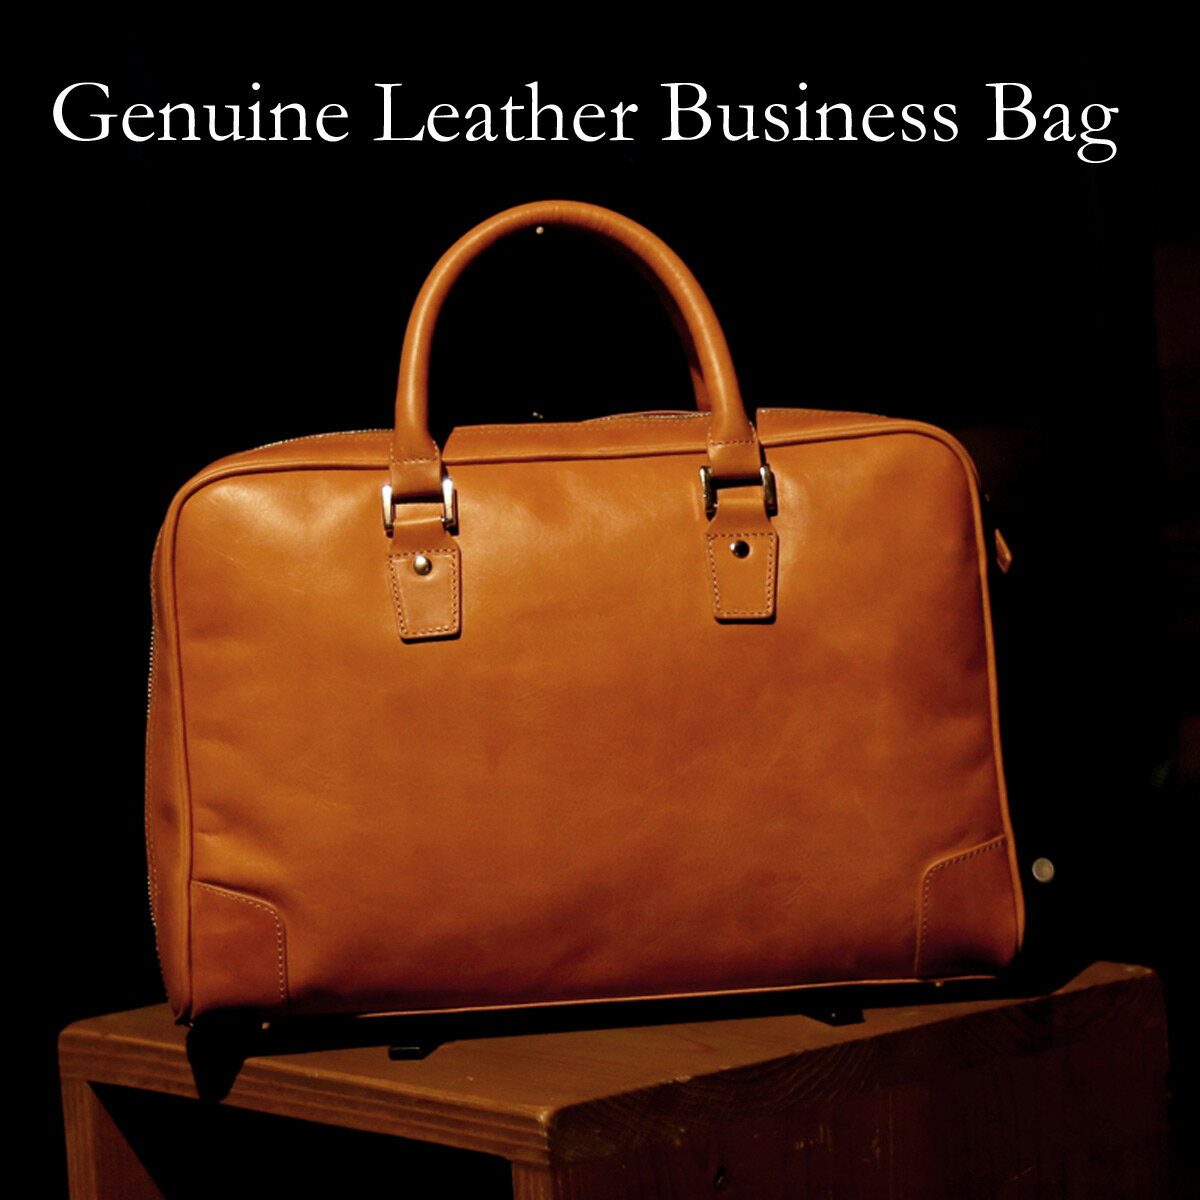 本革製 ビジネスバッグ レザー 本革 革 軽い ビジネス メンズ バッグ 銀付き 吟面 銀面2way コストパフォーマンス コスパ 革製品 機能性 使い勝手 カバン 鞄 バッグ